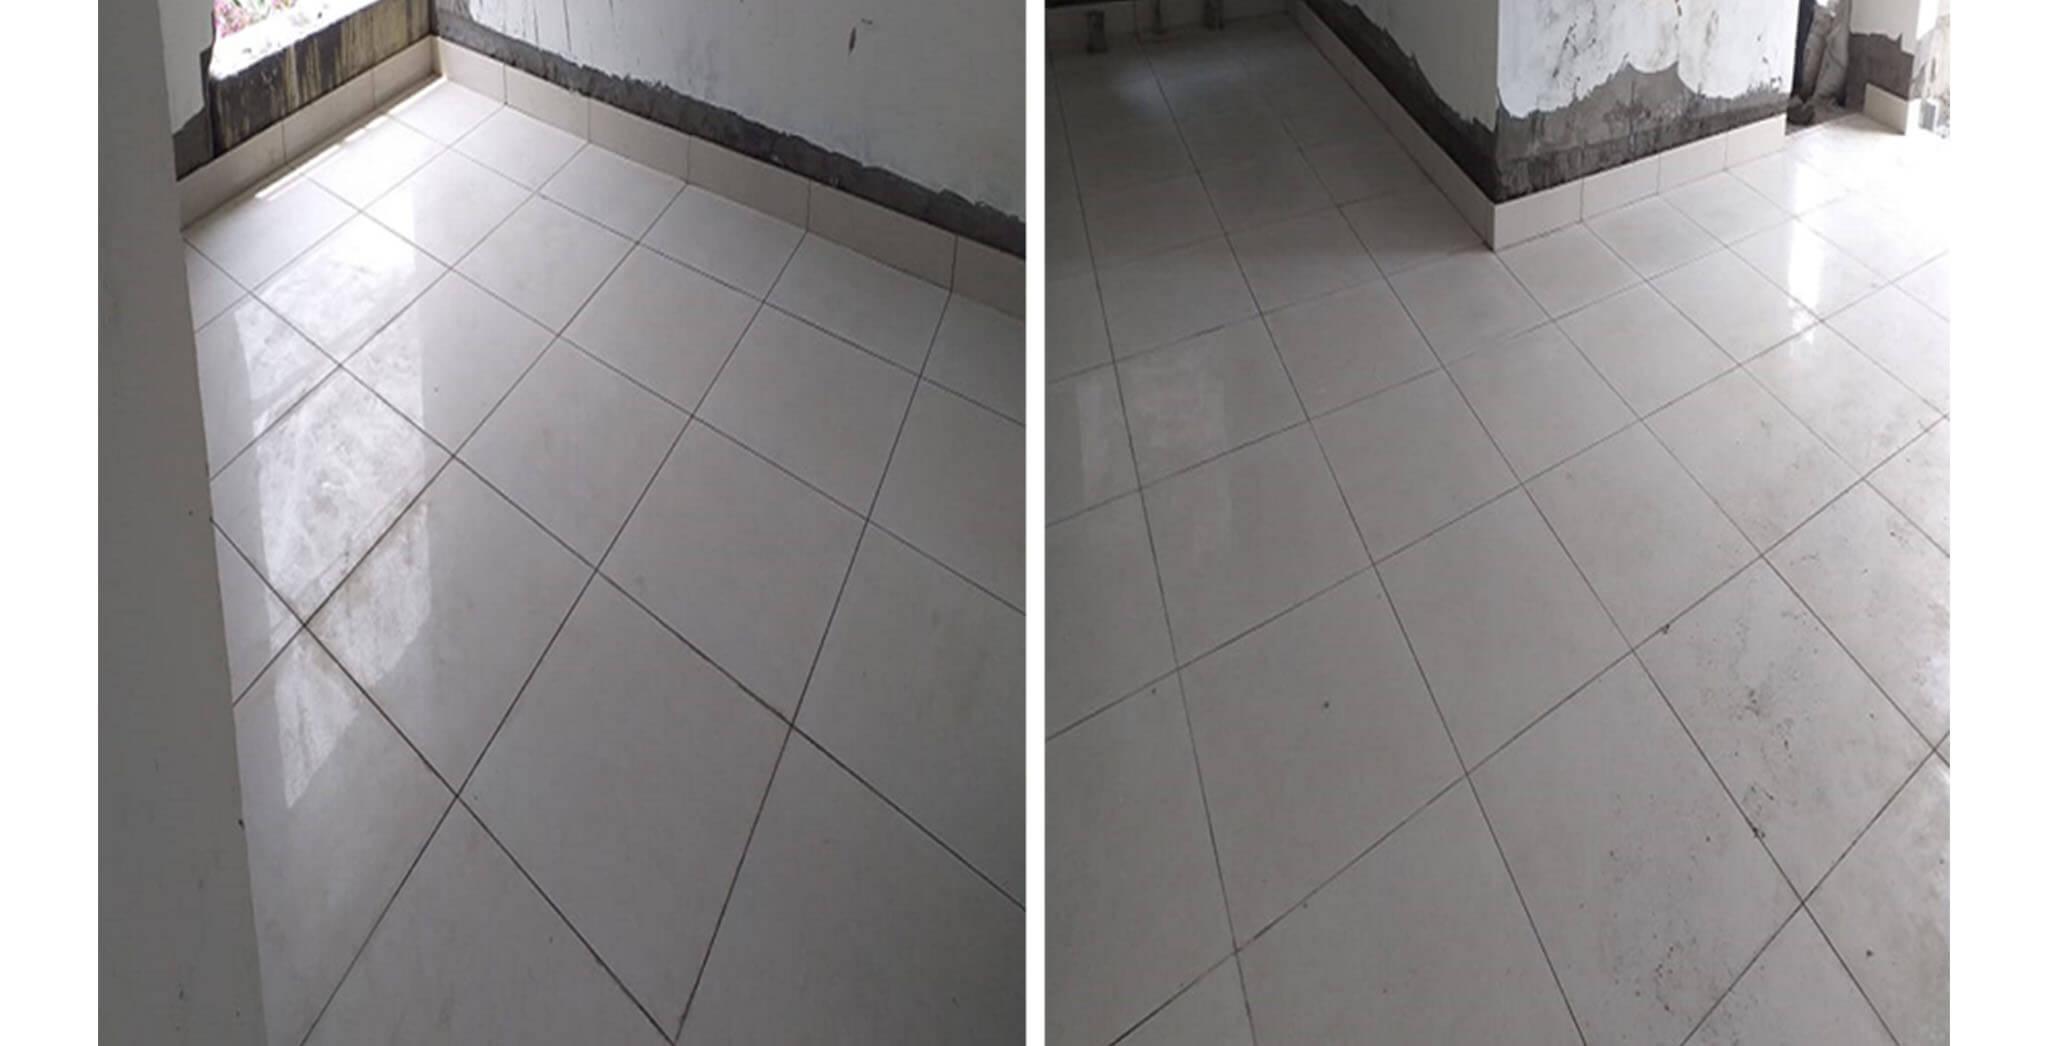 Feb 2021 - West side view: P Block—Tiling work-in-progress